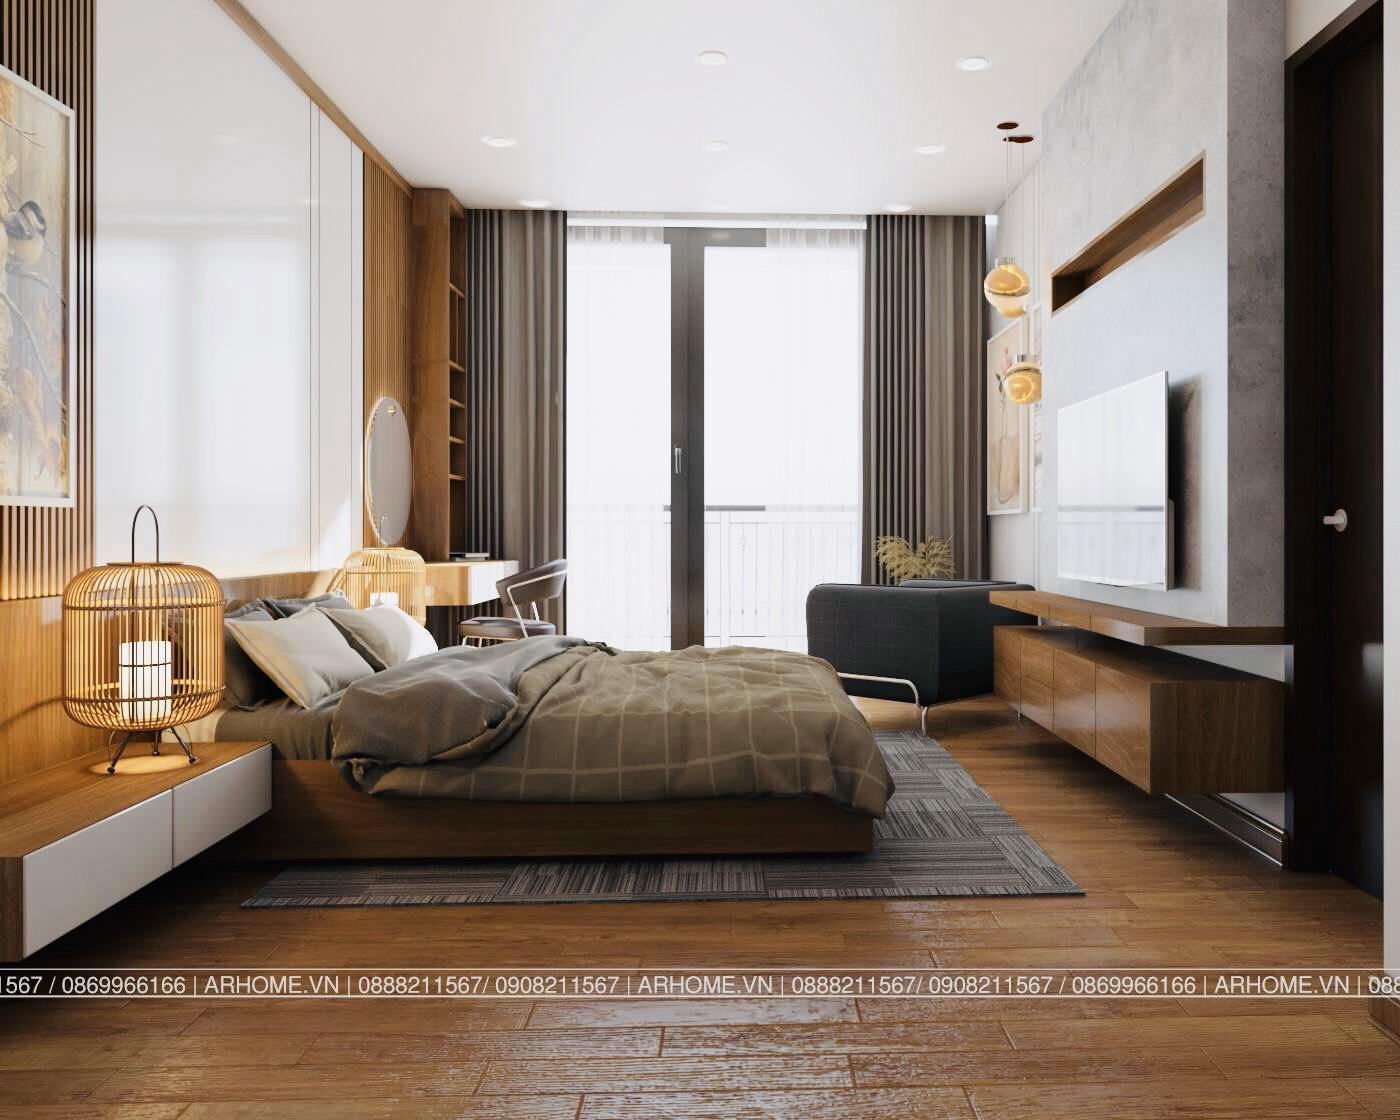 Thiết kế nội thất Chung Cư tại Hà Nội Ấn tượng khó phai với Thiết kế nội thất căn hộ Chung cư Lạc Hồng West Lake của Cô Họa sĩ 1585985648 11